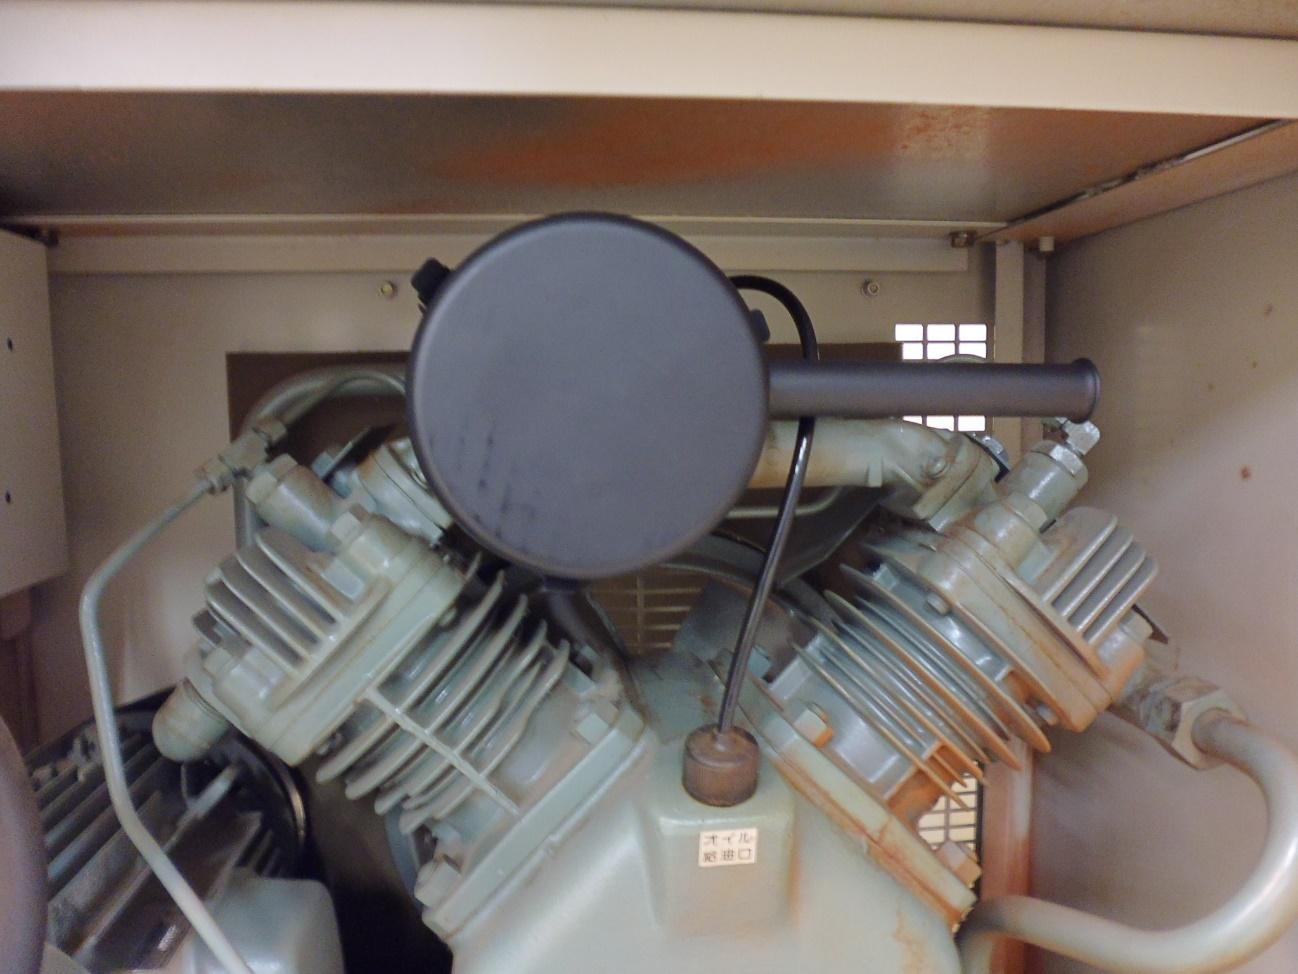 コンプレッサーの構造の上側にある圧力タンクが新しいものに交換された状態です。タンクがきれいになっています。